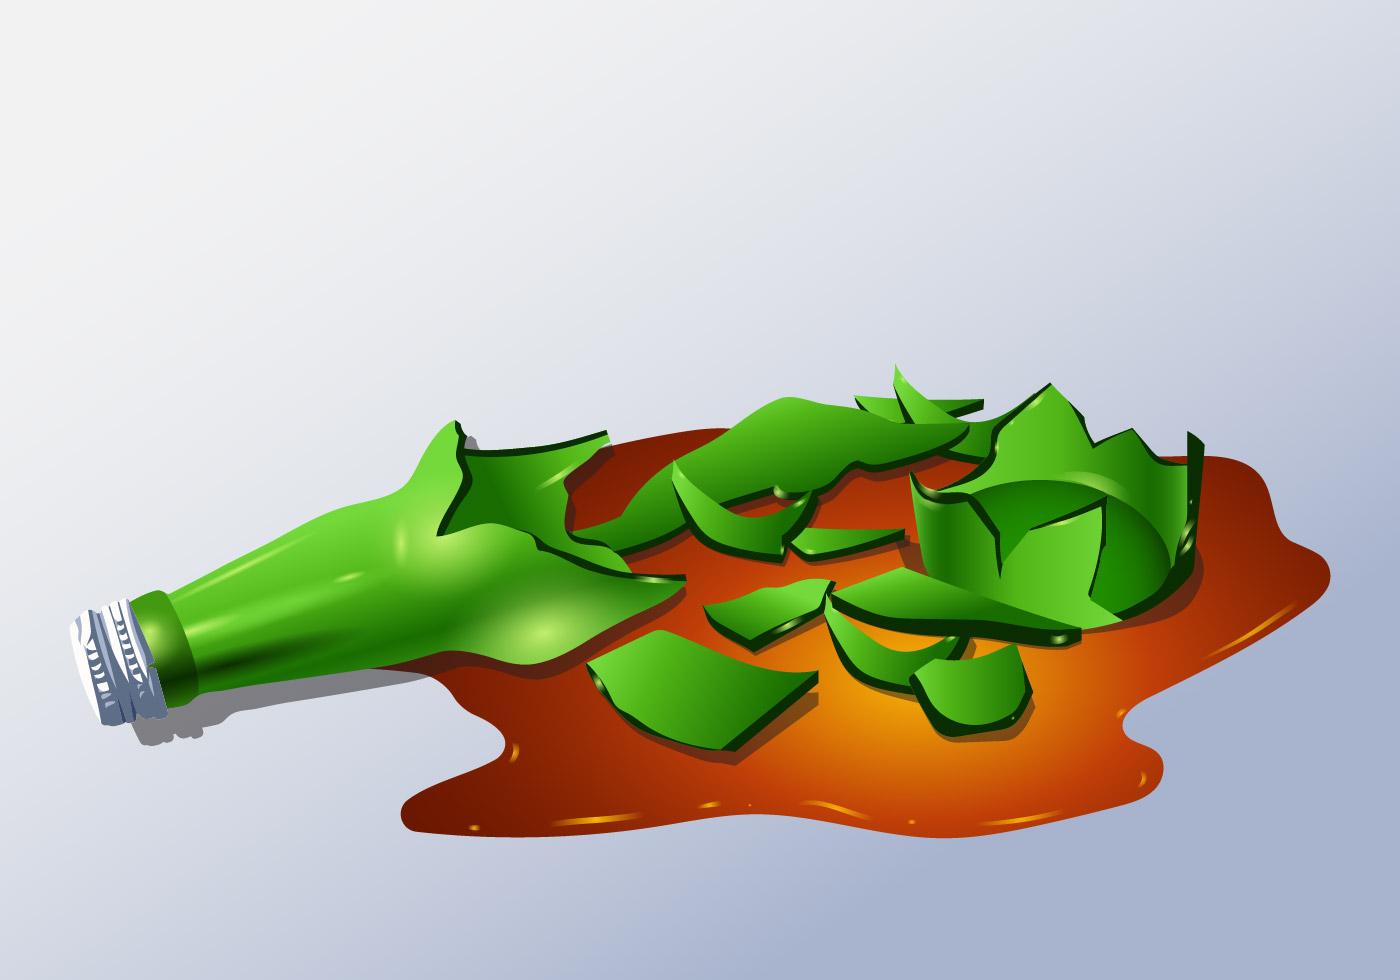 Broken Bottle Free Vector Art 3026 Free Downloads